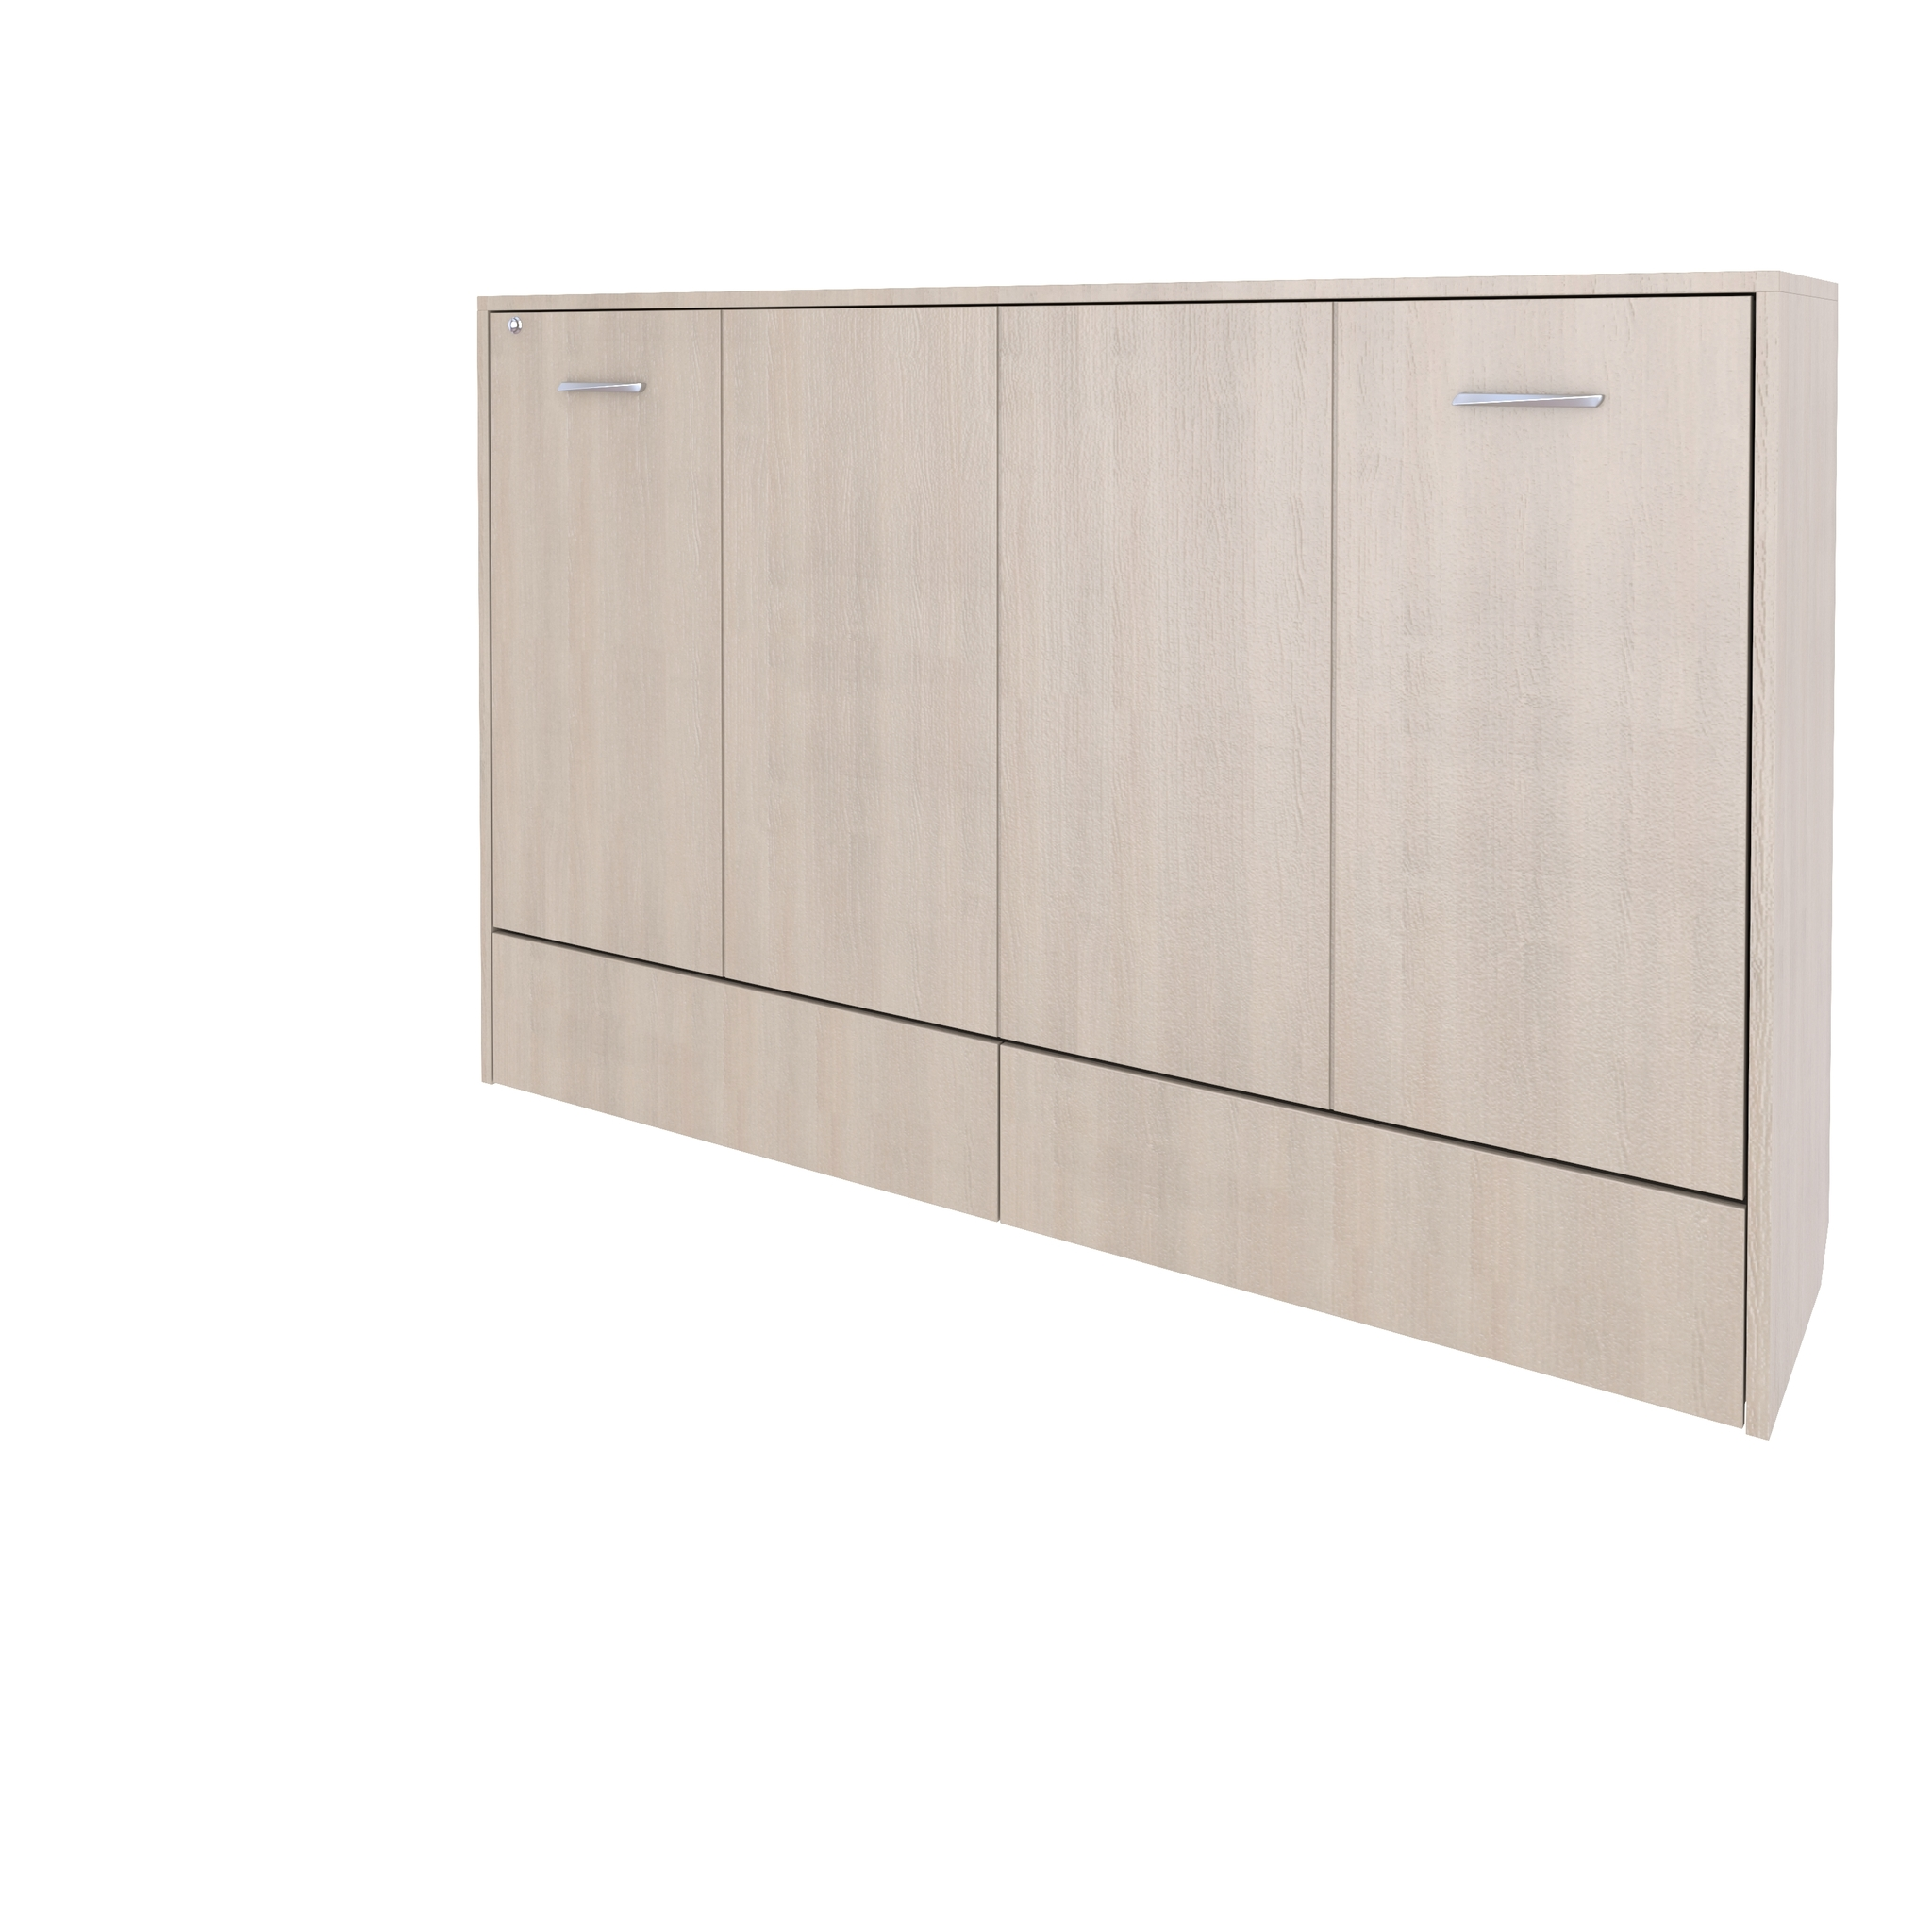 Шкаф-кровать горизонтальная односпальная 90 см